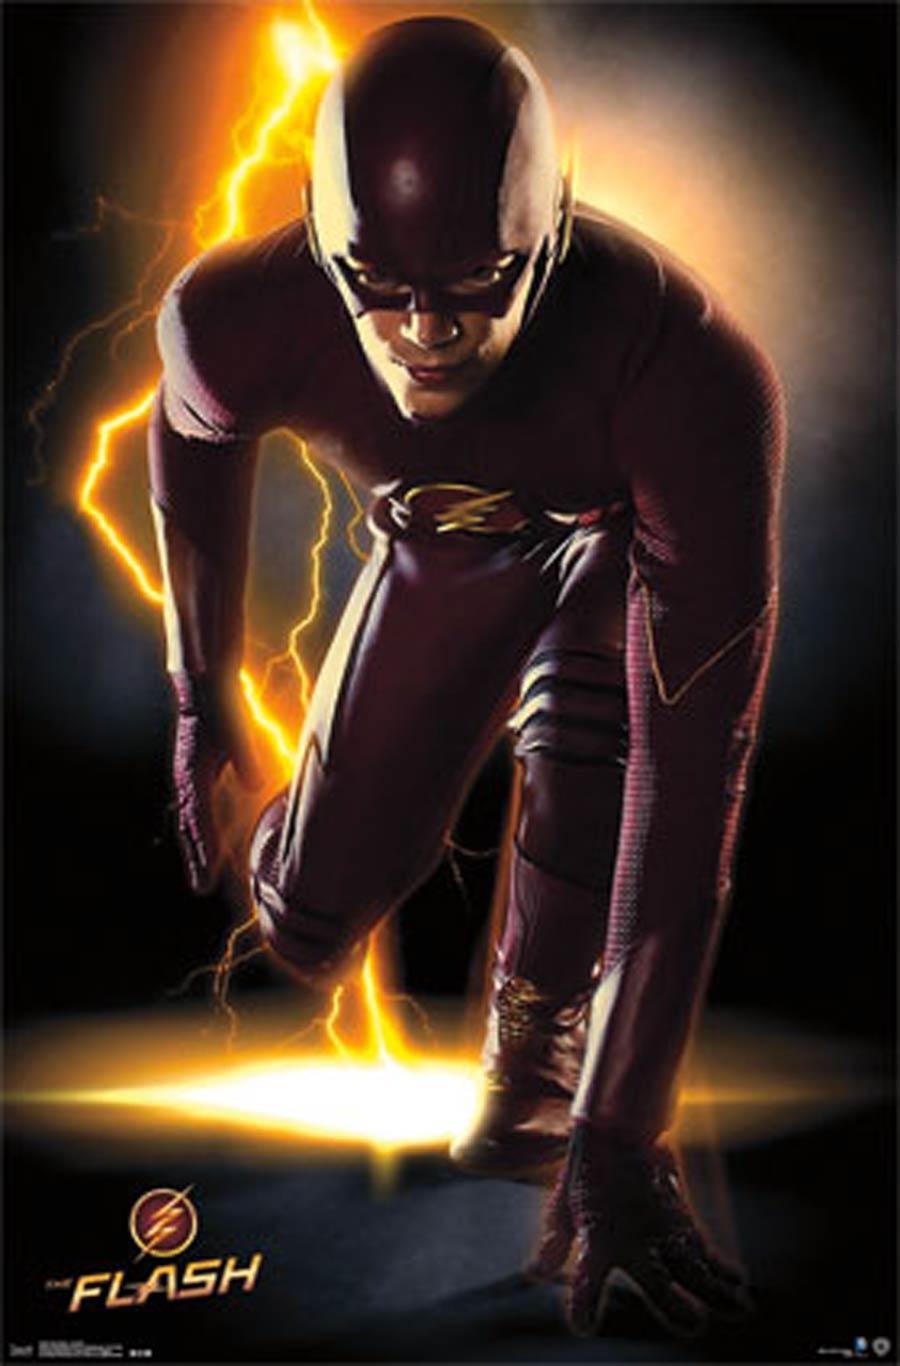 Flash TV Portrait Poster